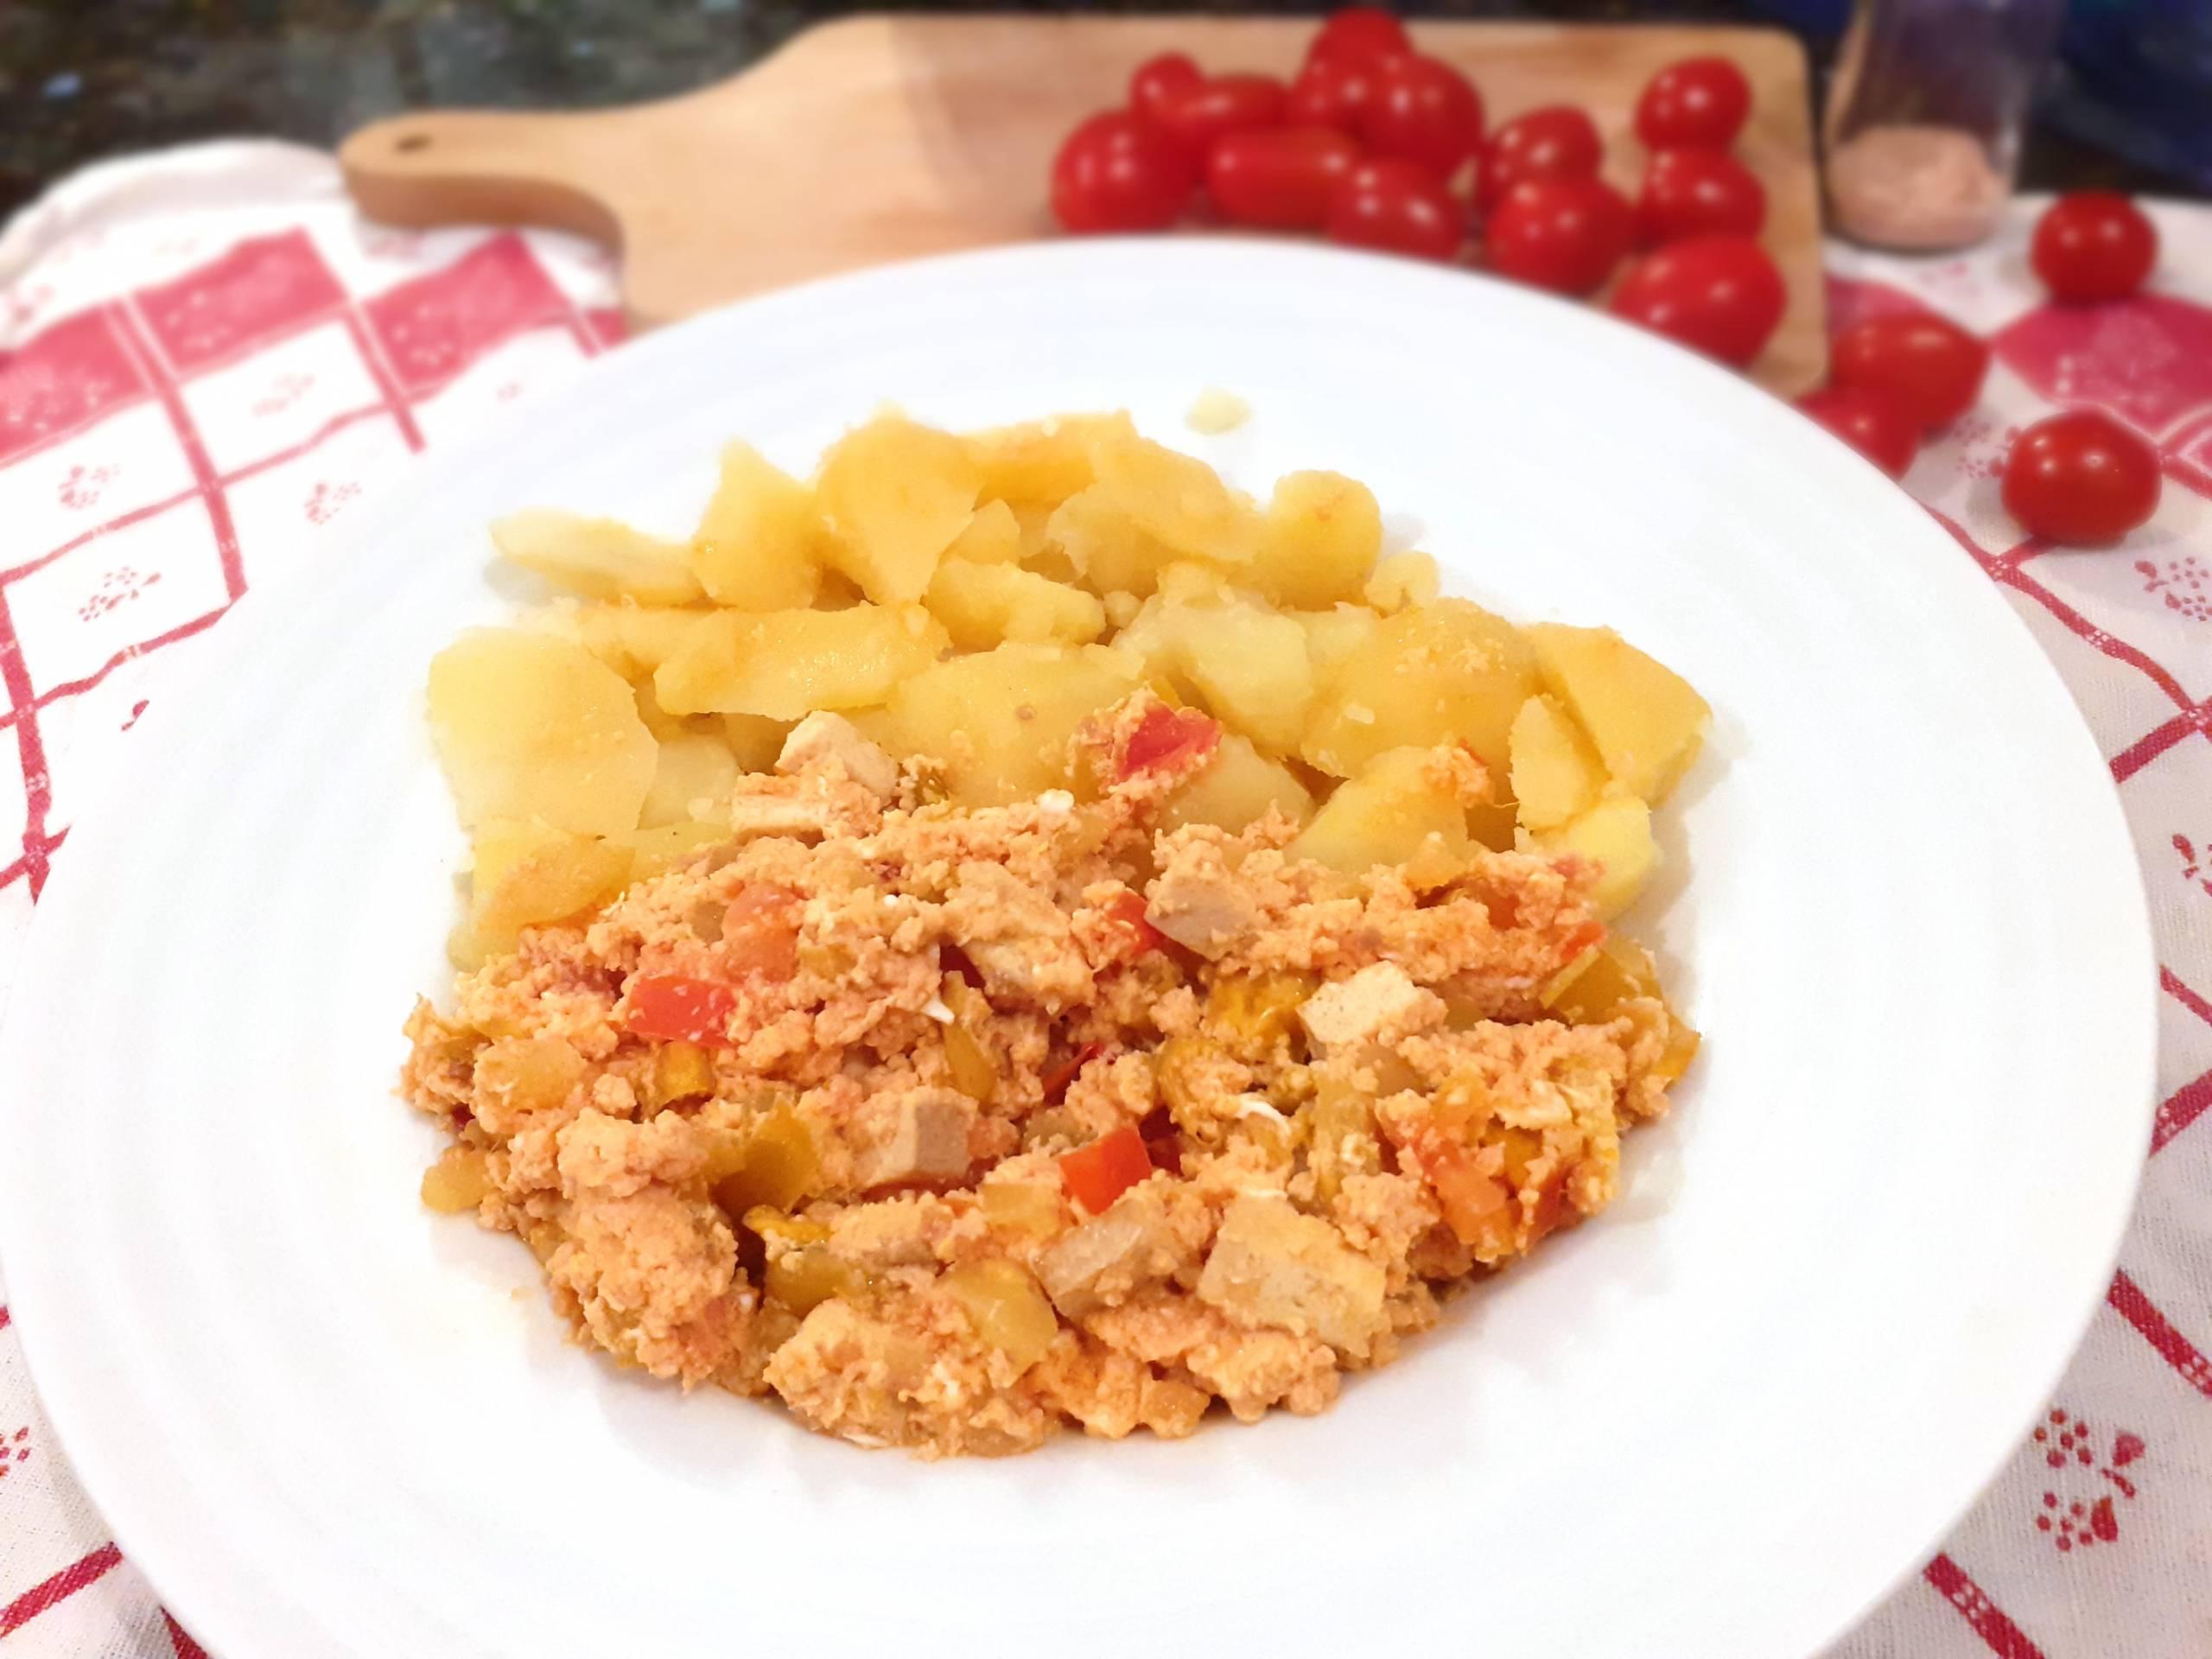 Lečo s tofu a varenými zemiakmi na tanieri v pozadí s cherry paradajkami